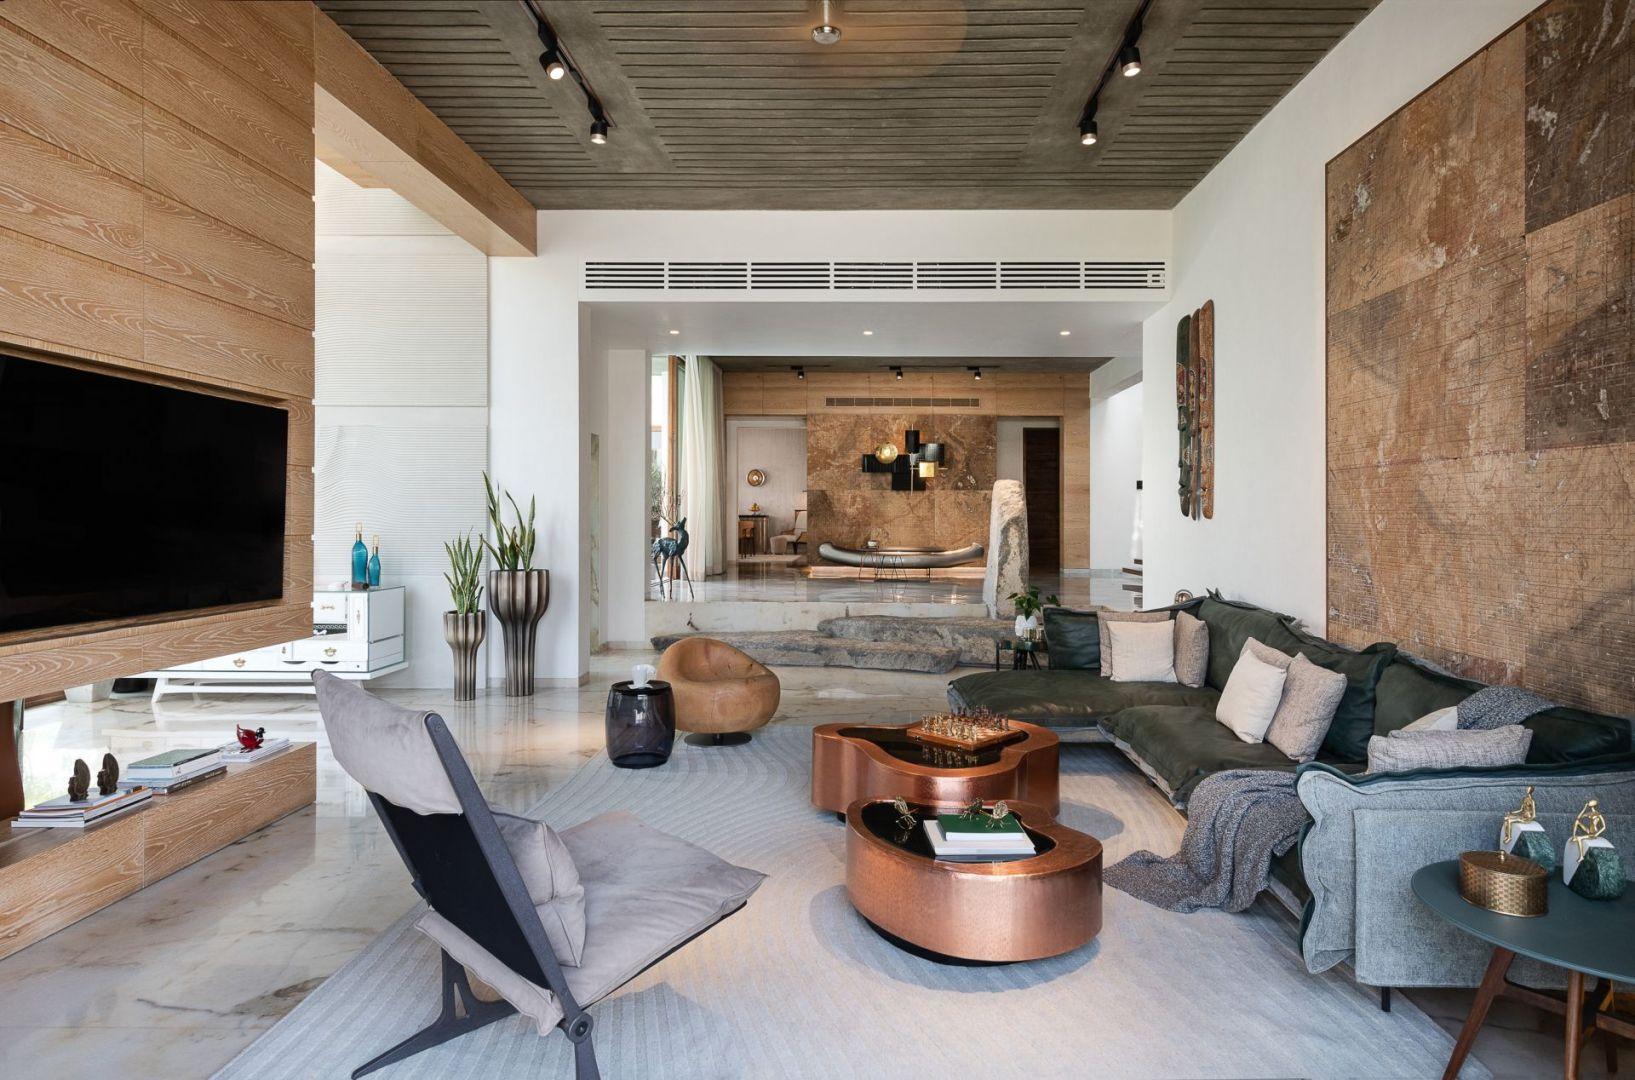 Przestrzeń dzienna zaprojektowana z użyciem naturalnych materiałów i kolorów ziemi. Projekt: NA Architects. Zdjęcia: Boca do Lobo